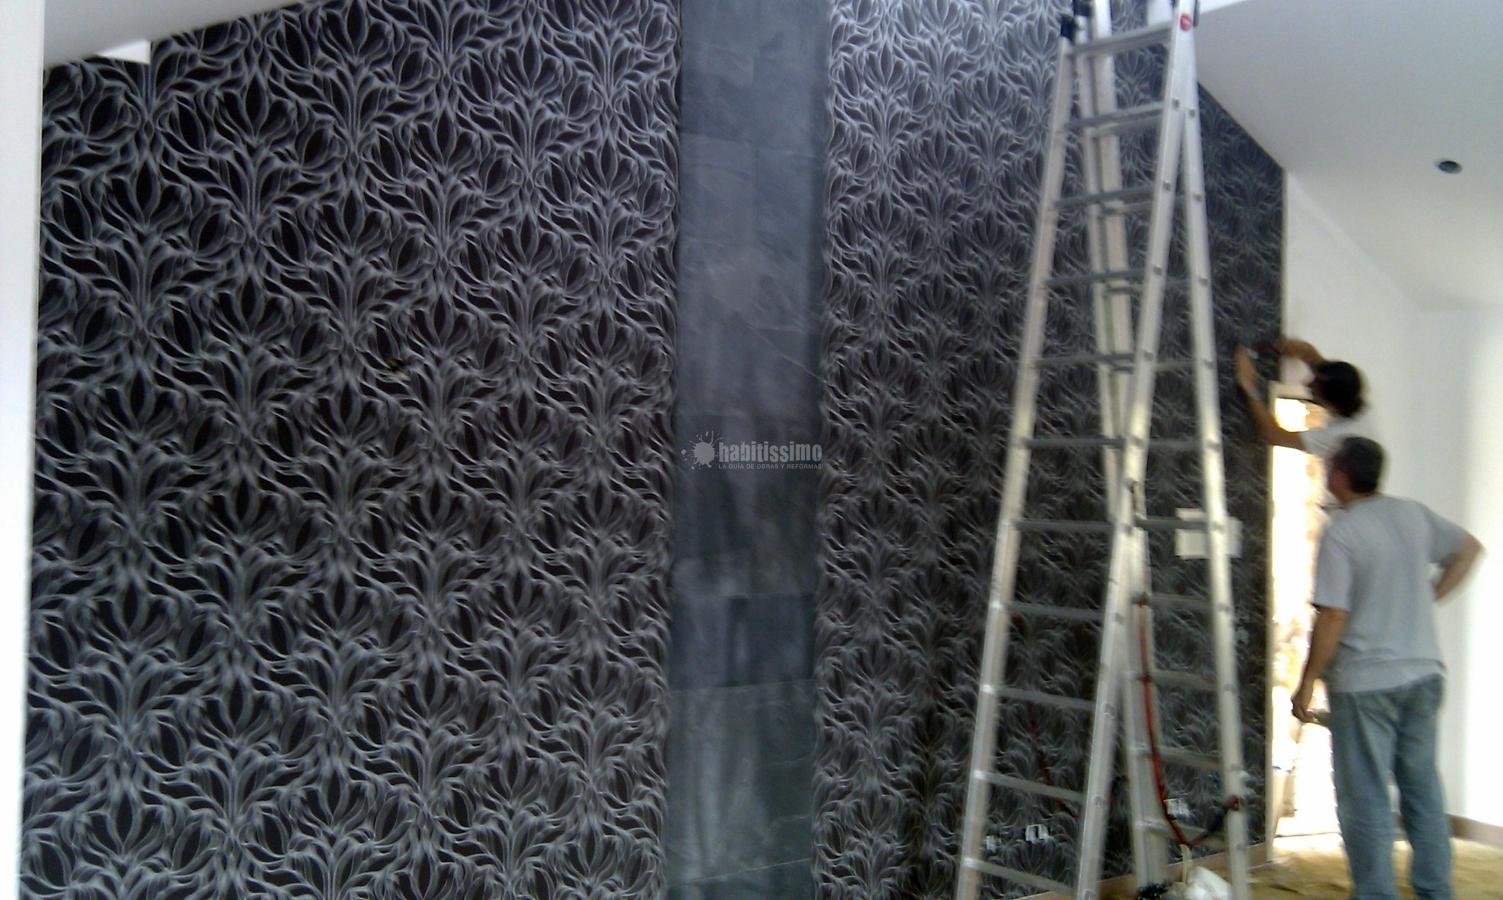 Empapelado de pared ideas pintores - Pintores de paredes ...